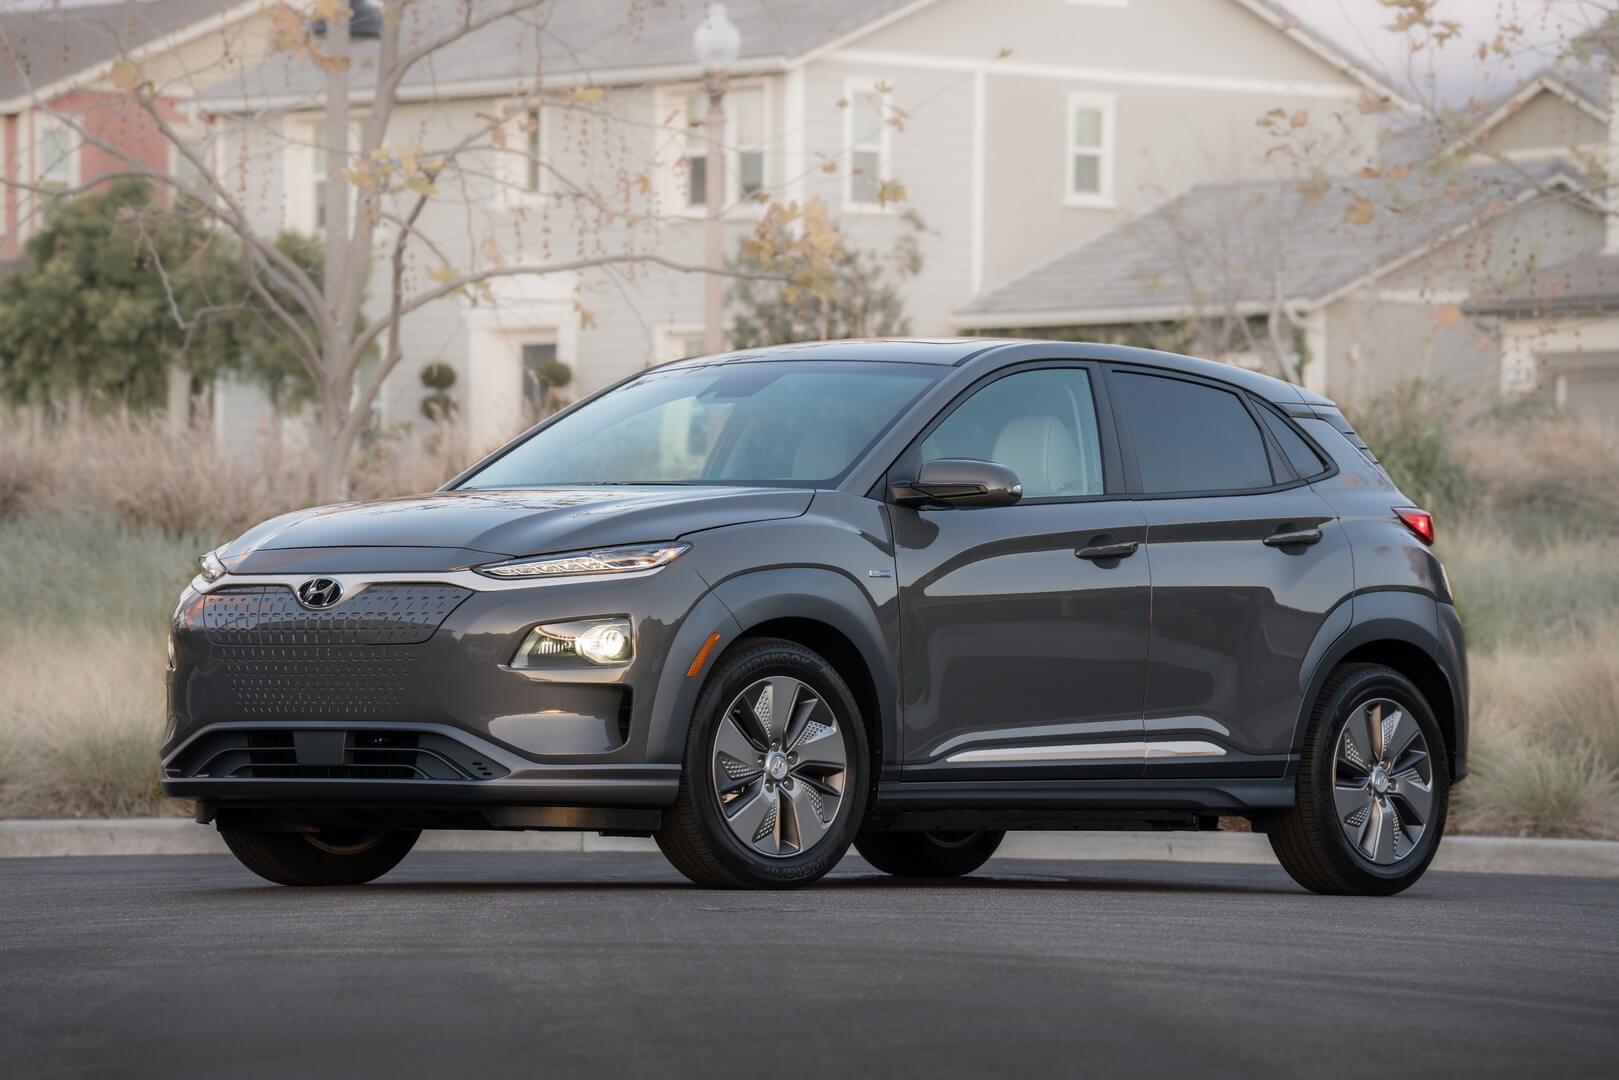 Самый долгий срок поставки у электромобиля Hyundai Kona Electric